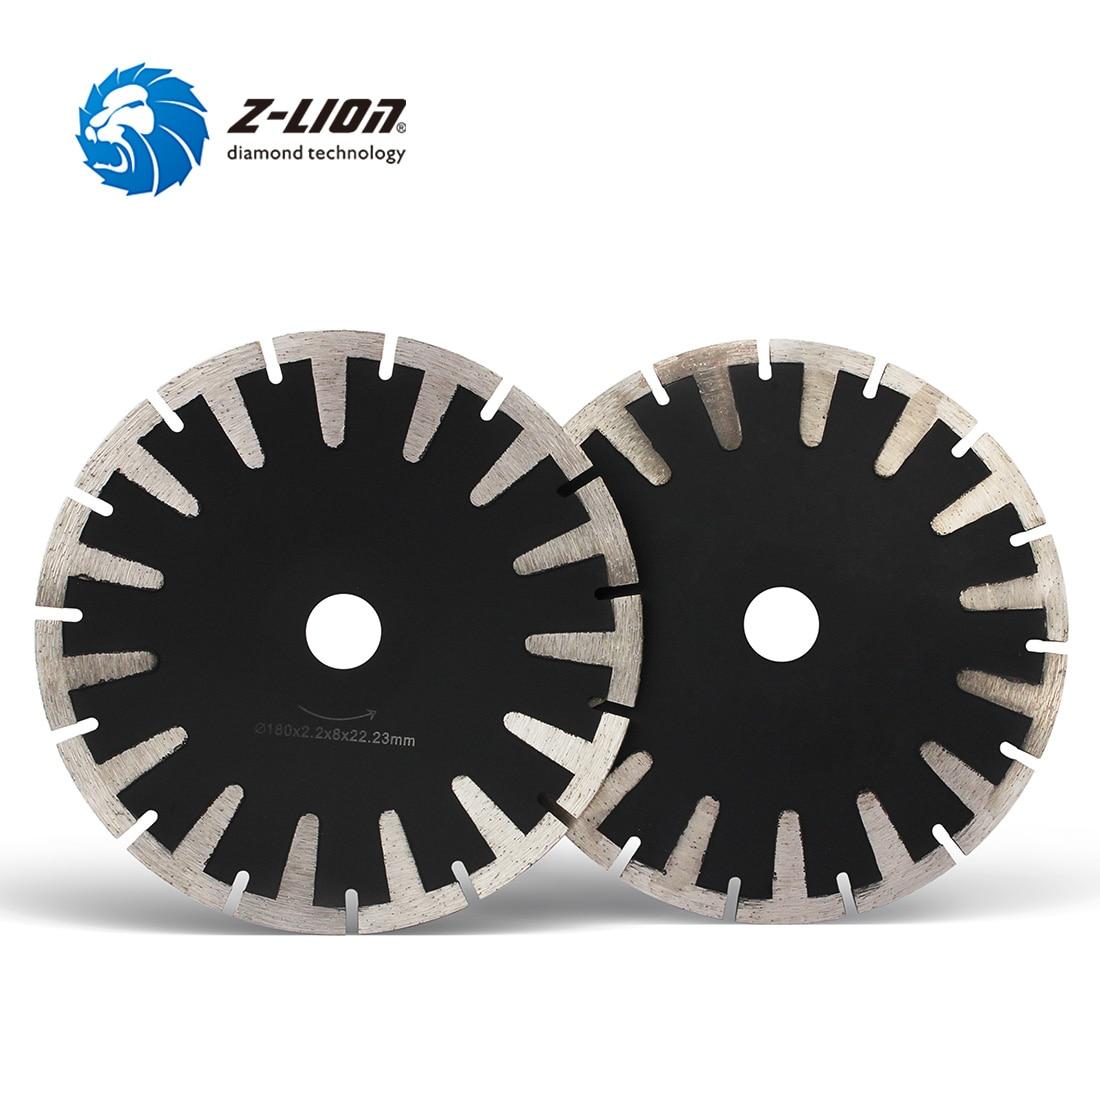 Z-lion, 1 unidad, discos de corte de Muela de Diamante de 7 pulgadas, hoja de sierra Turbo de 180mm para azulejo de porcelana cerámica, disco de diamante, taza de molienda